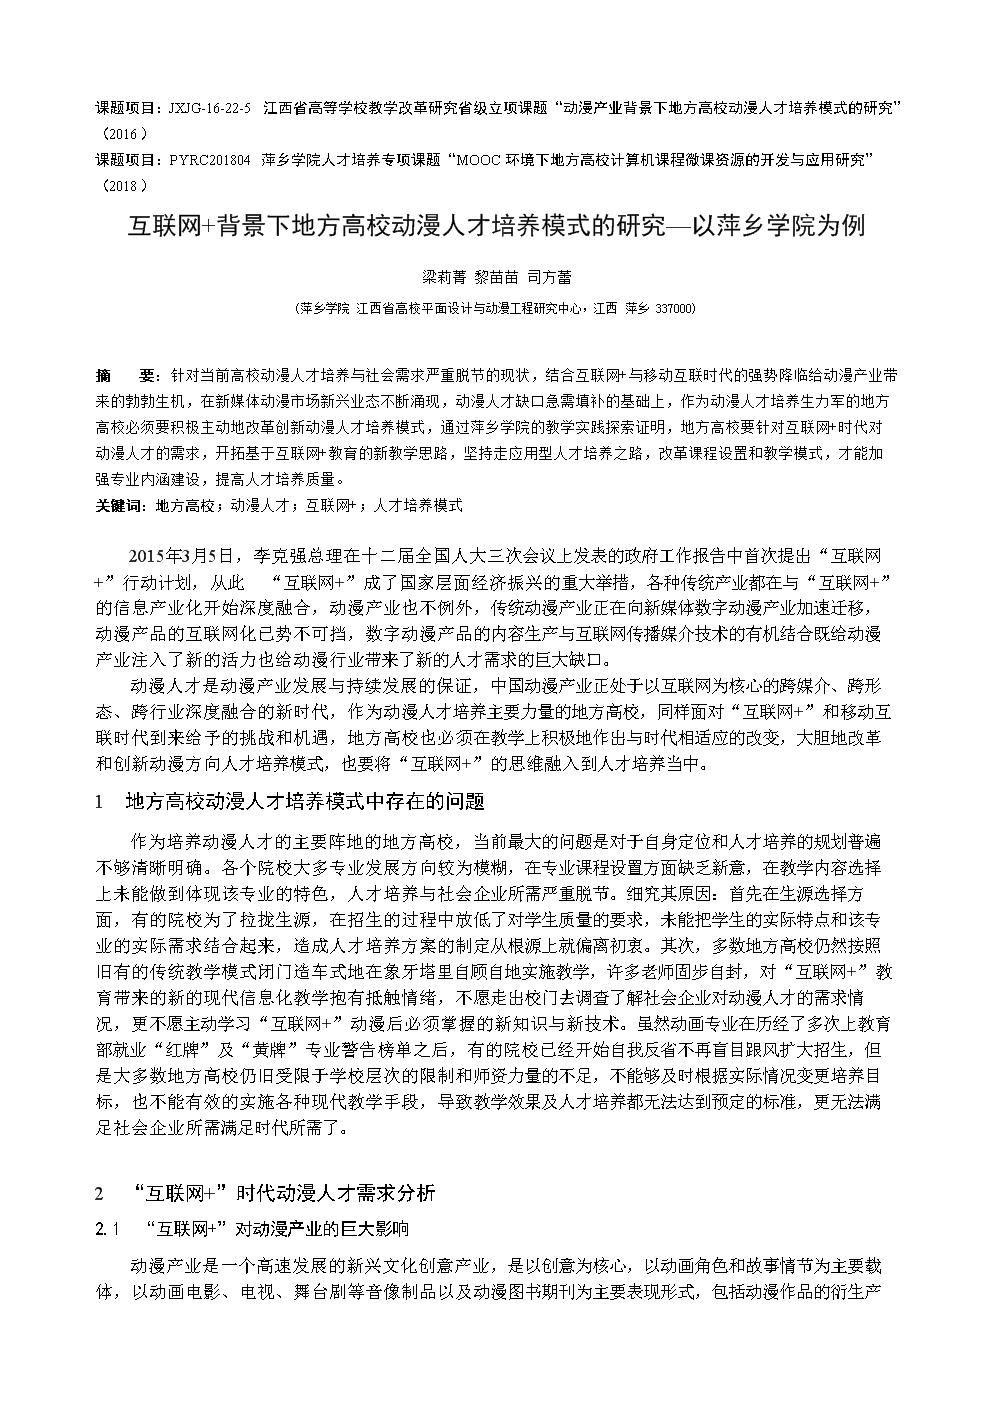 互联网+背景下地方高校动漫人才培养模式研究_以萍乡学院为例bak.doc